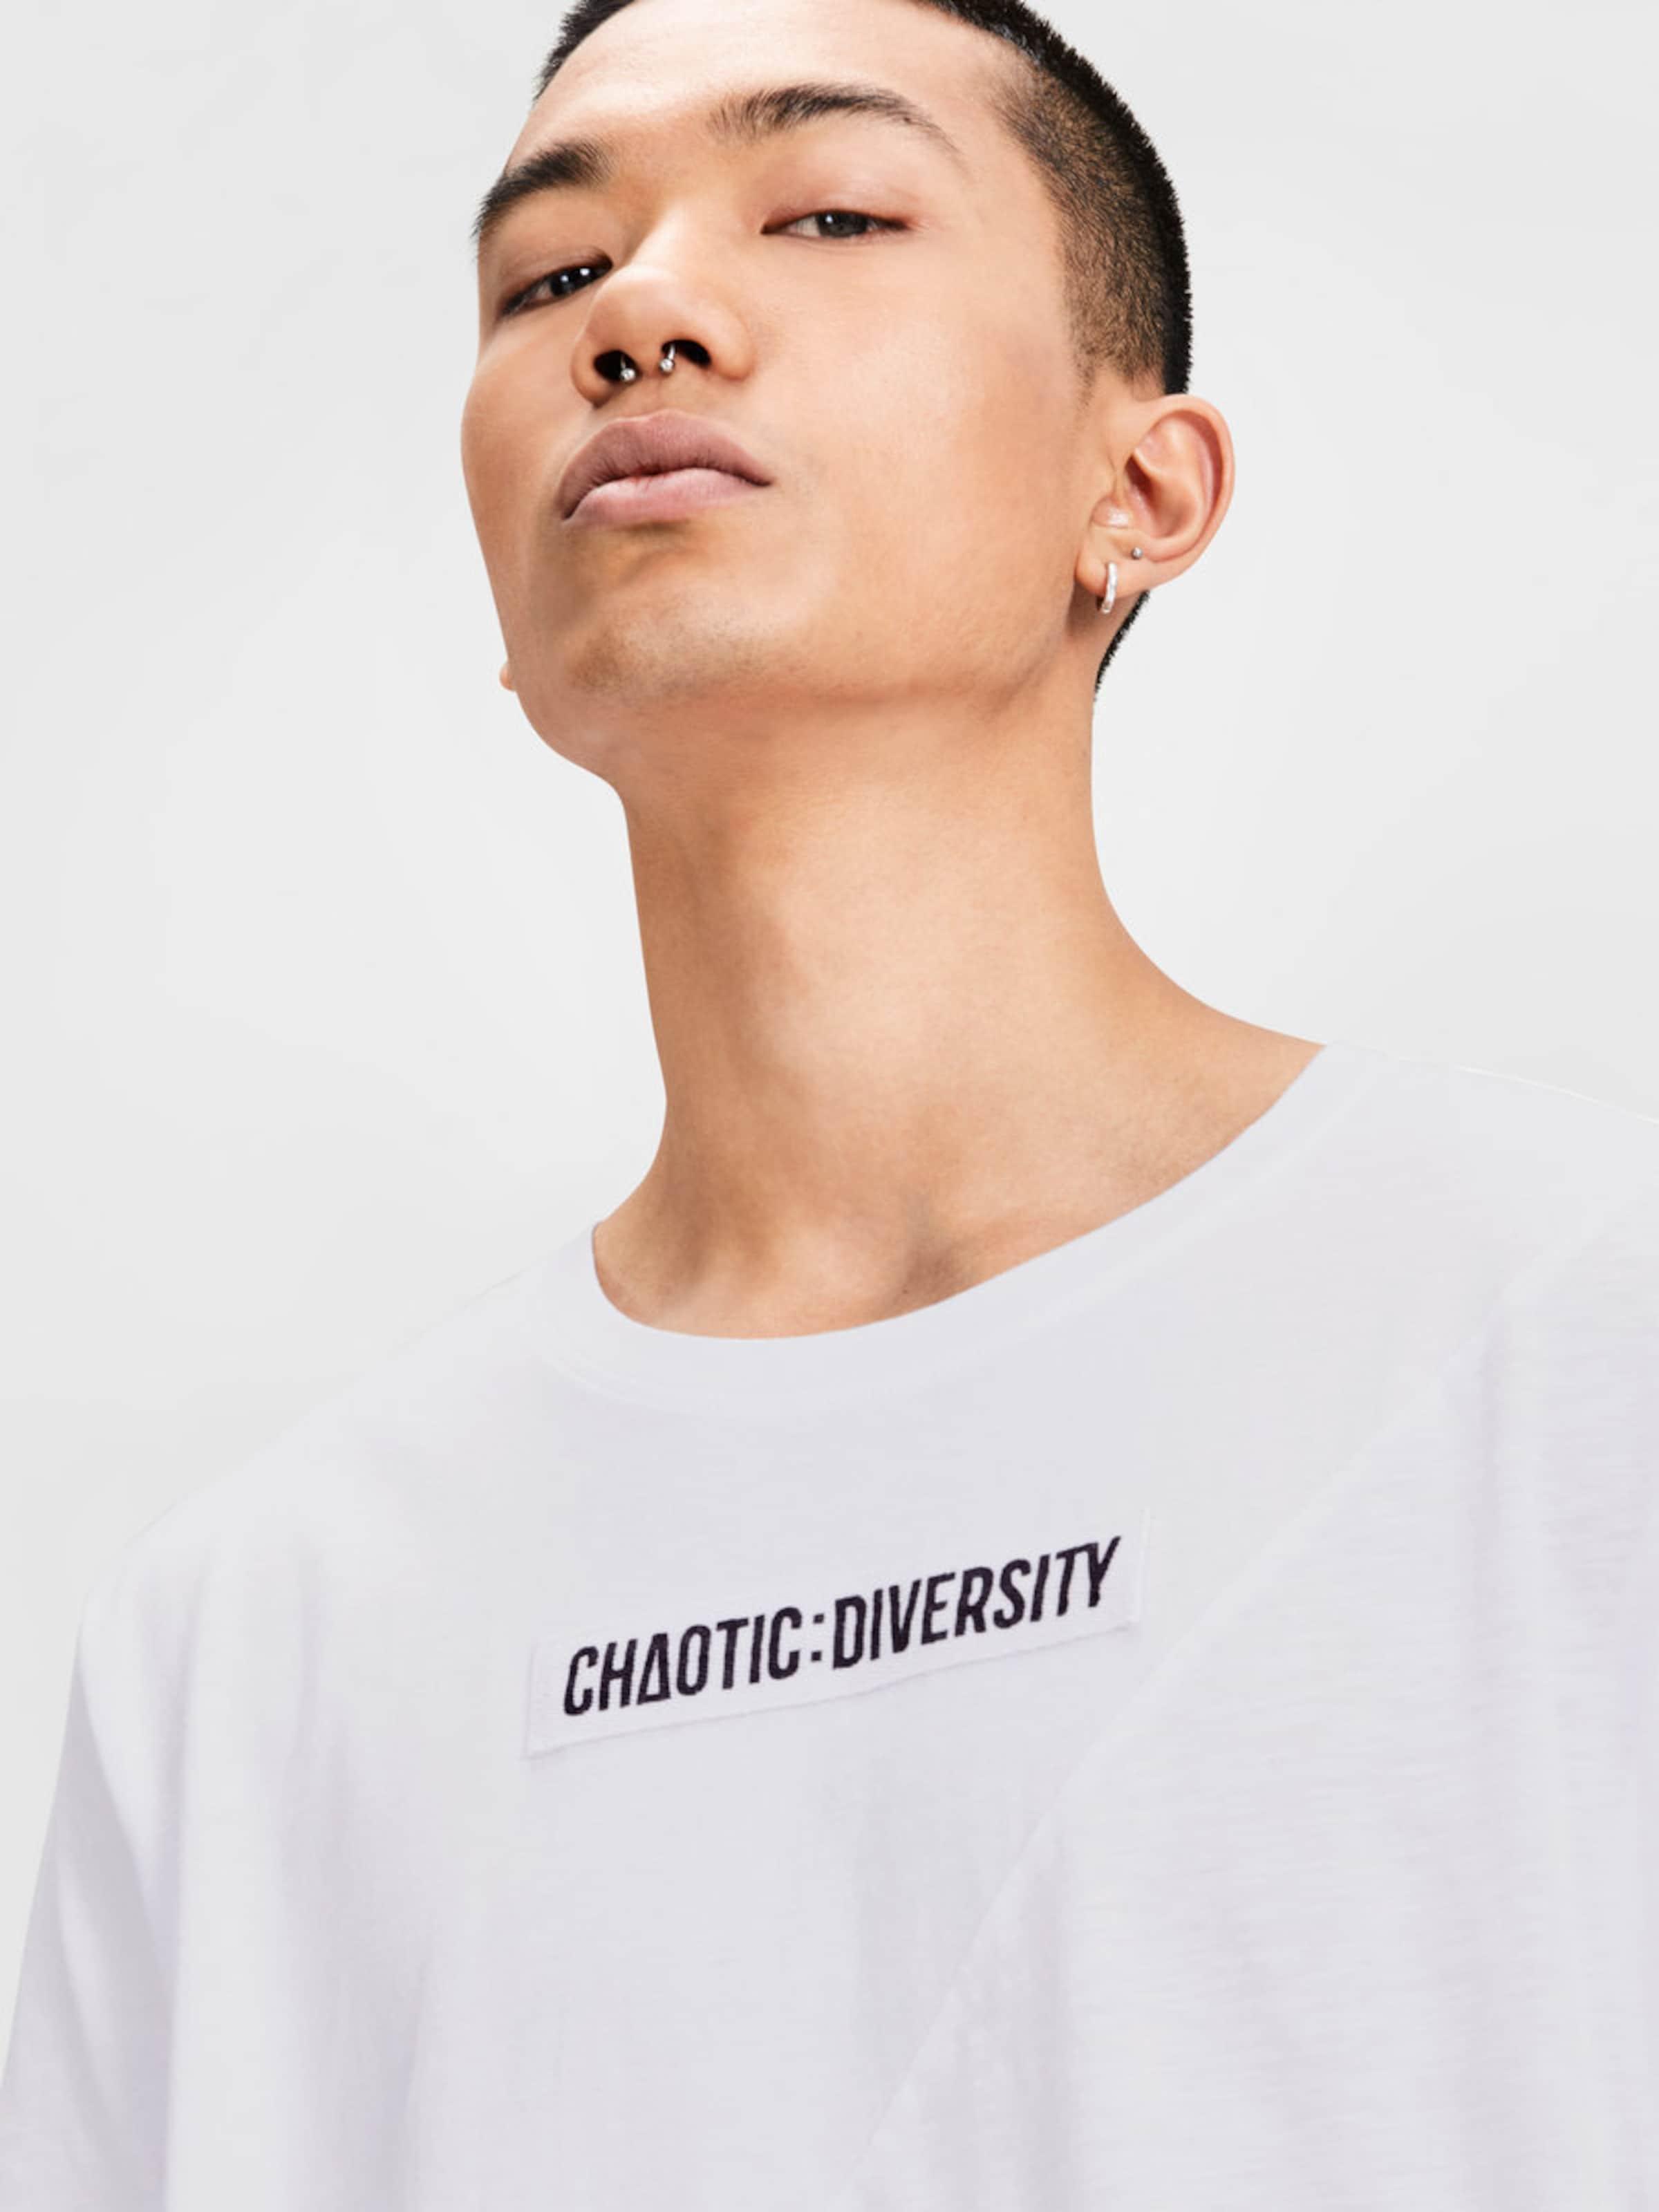 JACK & JONES T-Shirt Billig Heißen Verkauf Bester Verkauf Günstig Online oqfLzyP09